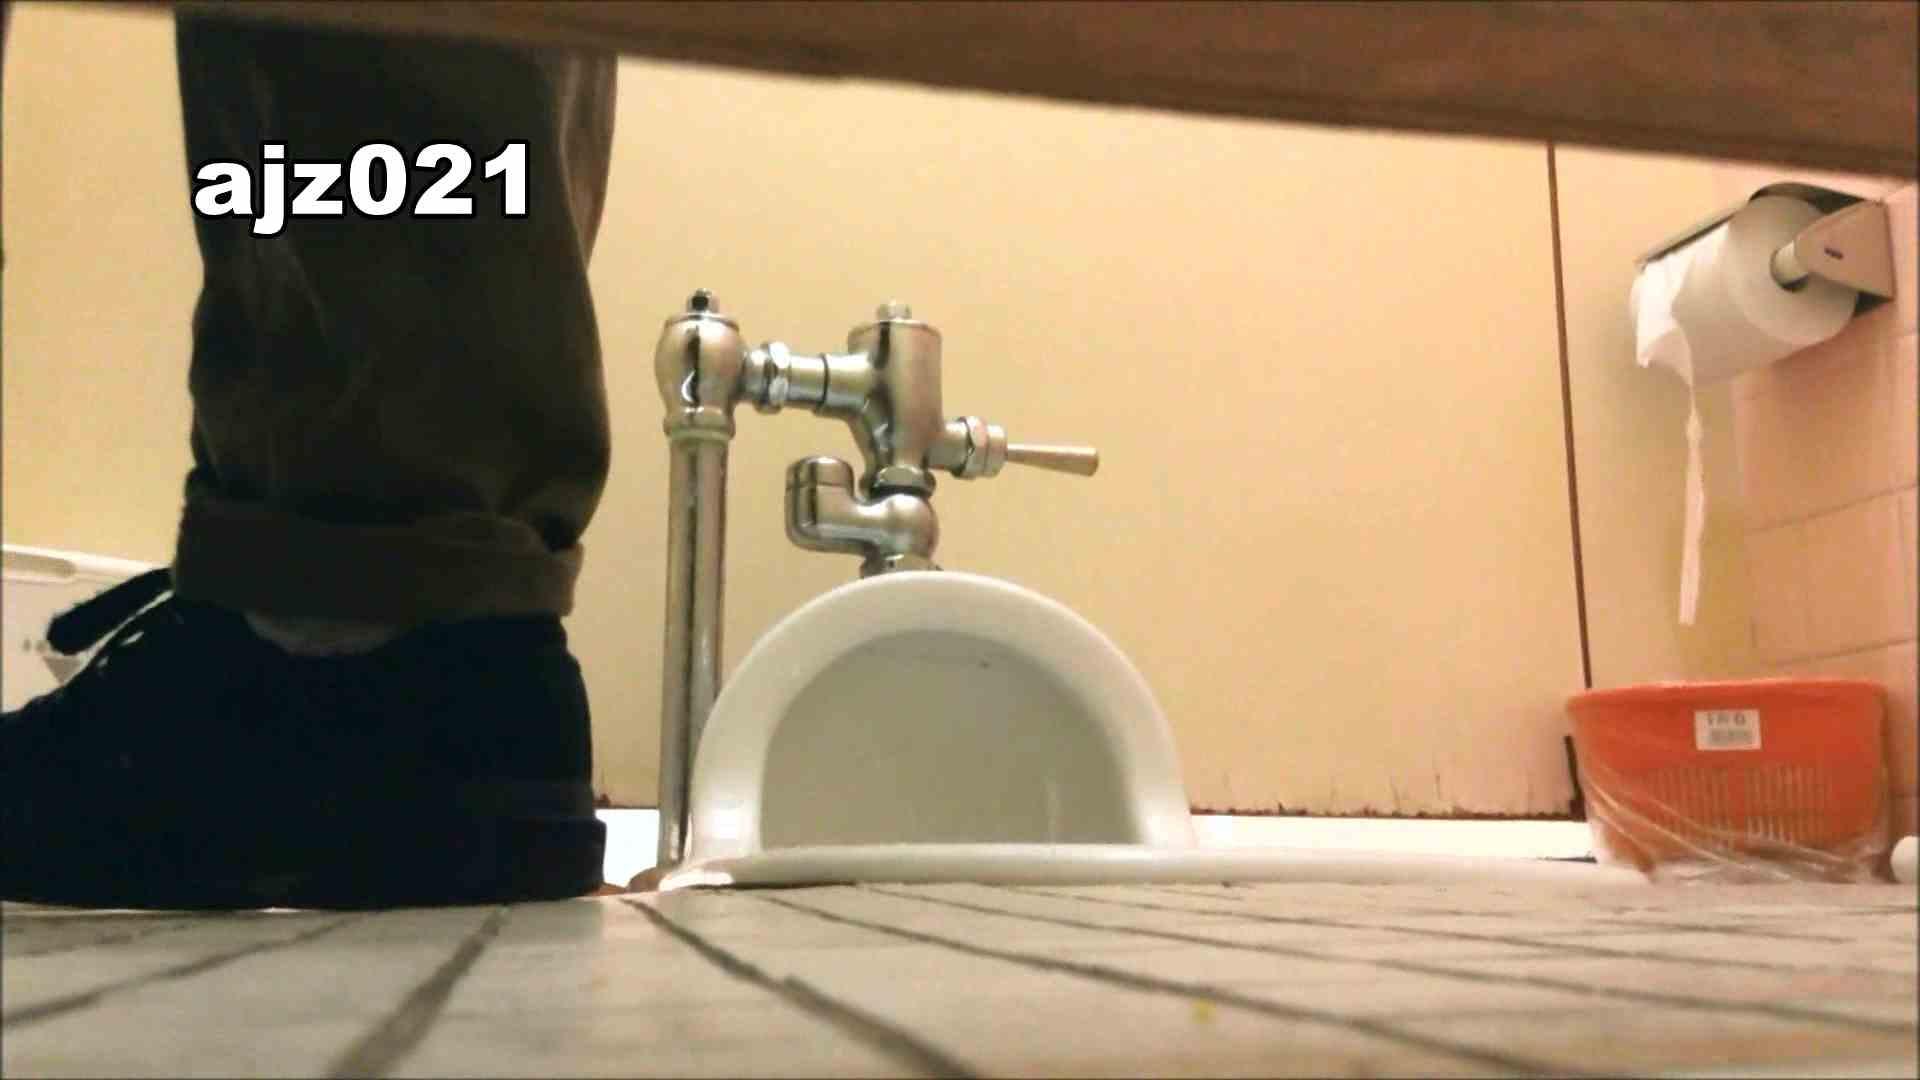 某有名大学女性洗面所 vol.21 和式  62Pix 26